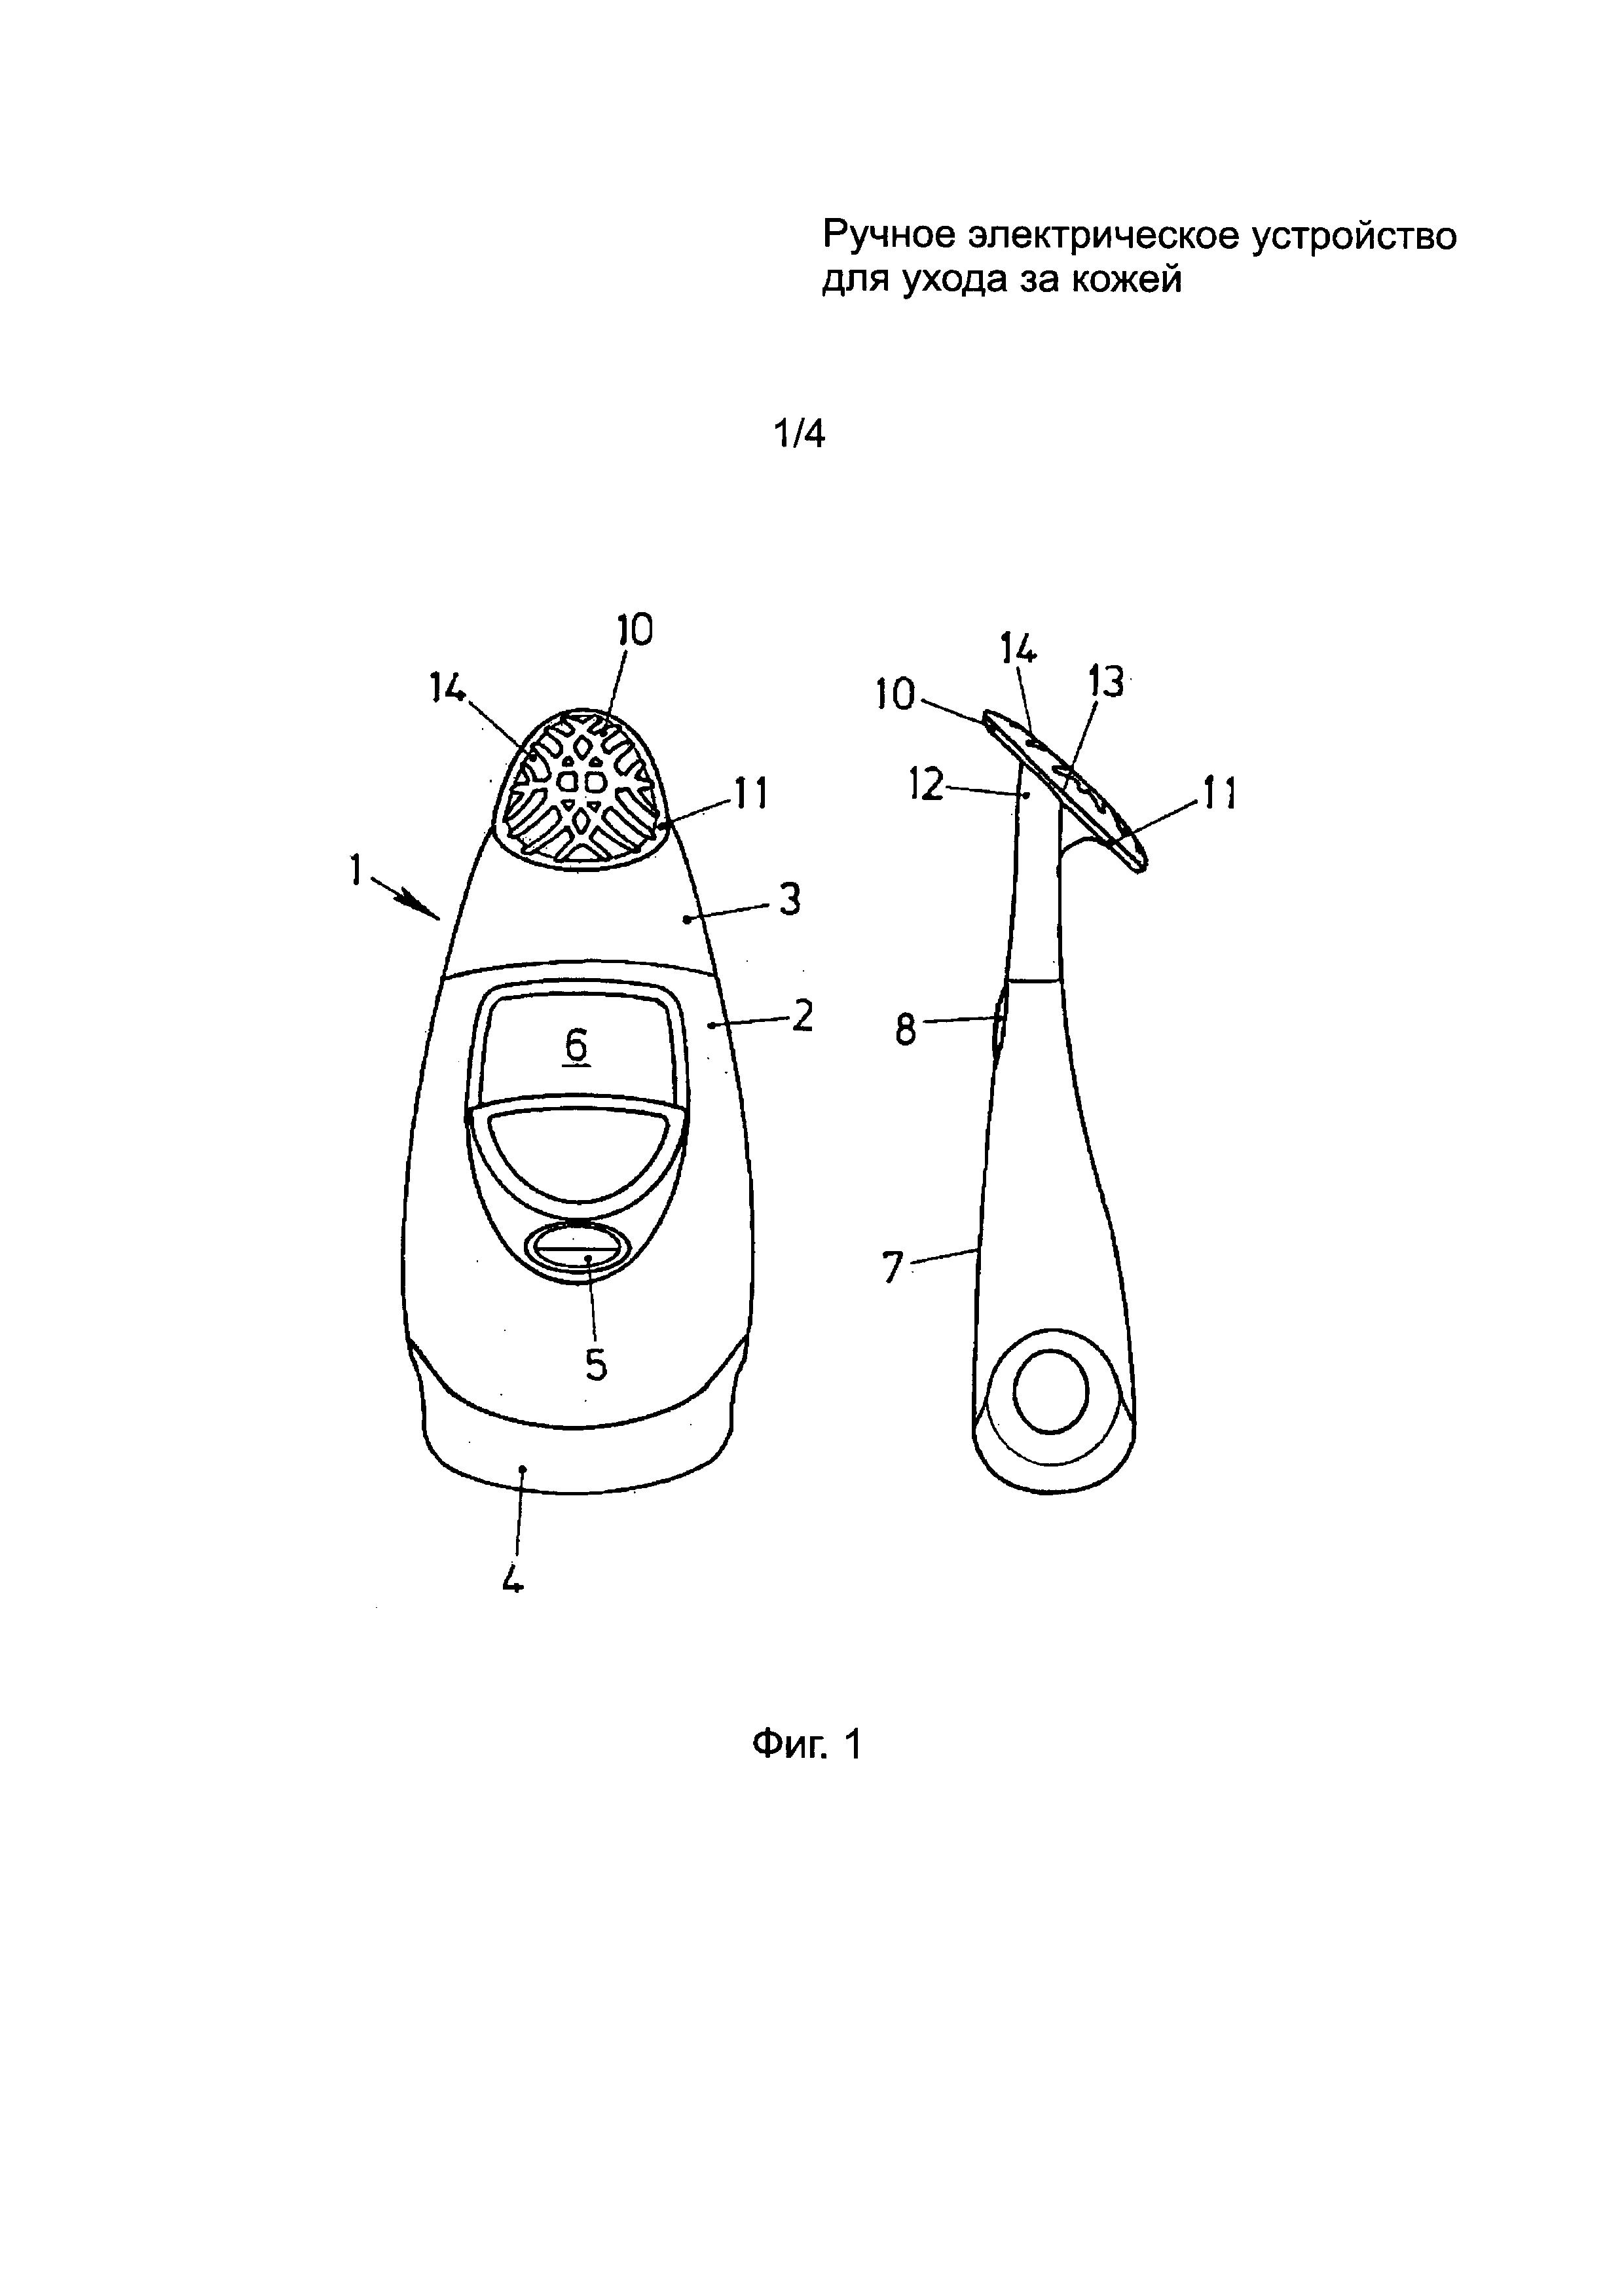 Ручное электрическое устройство для ухода за кожей